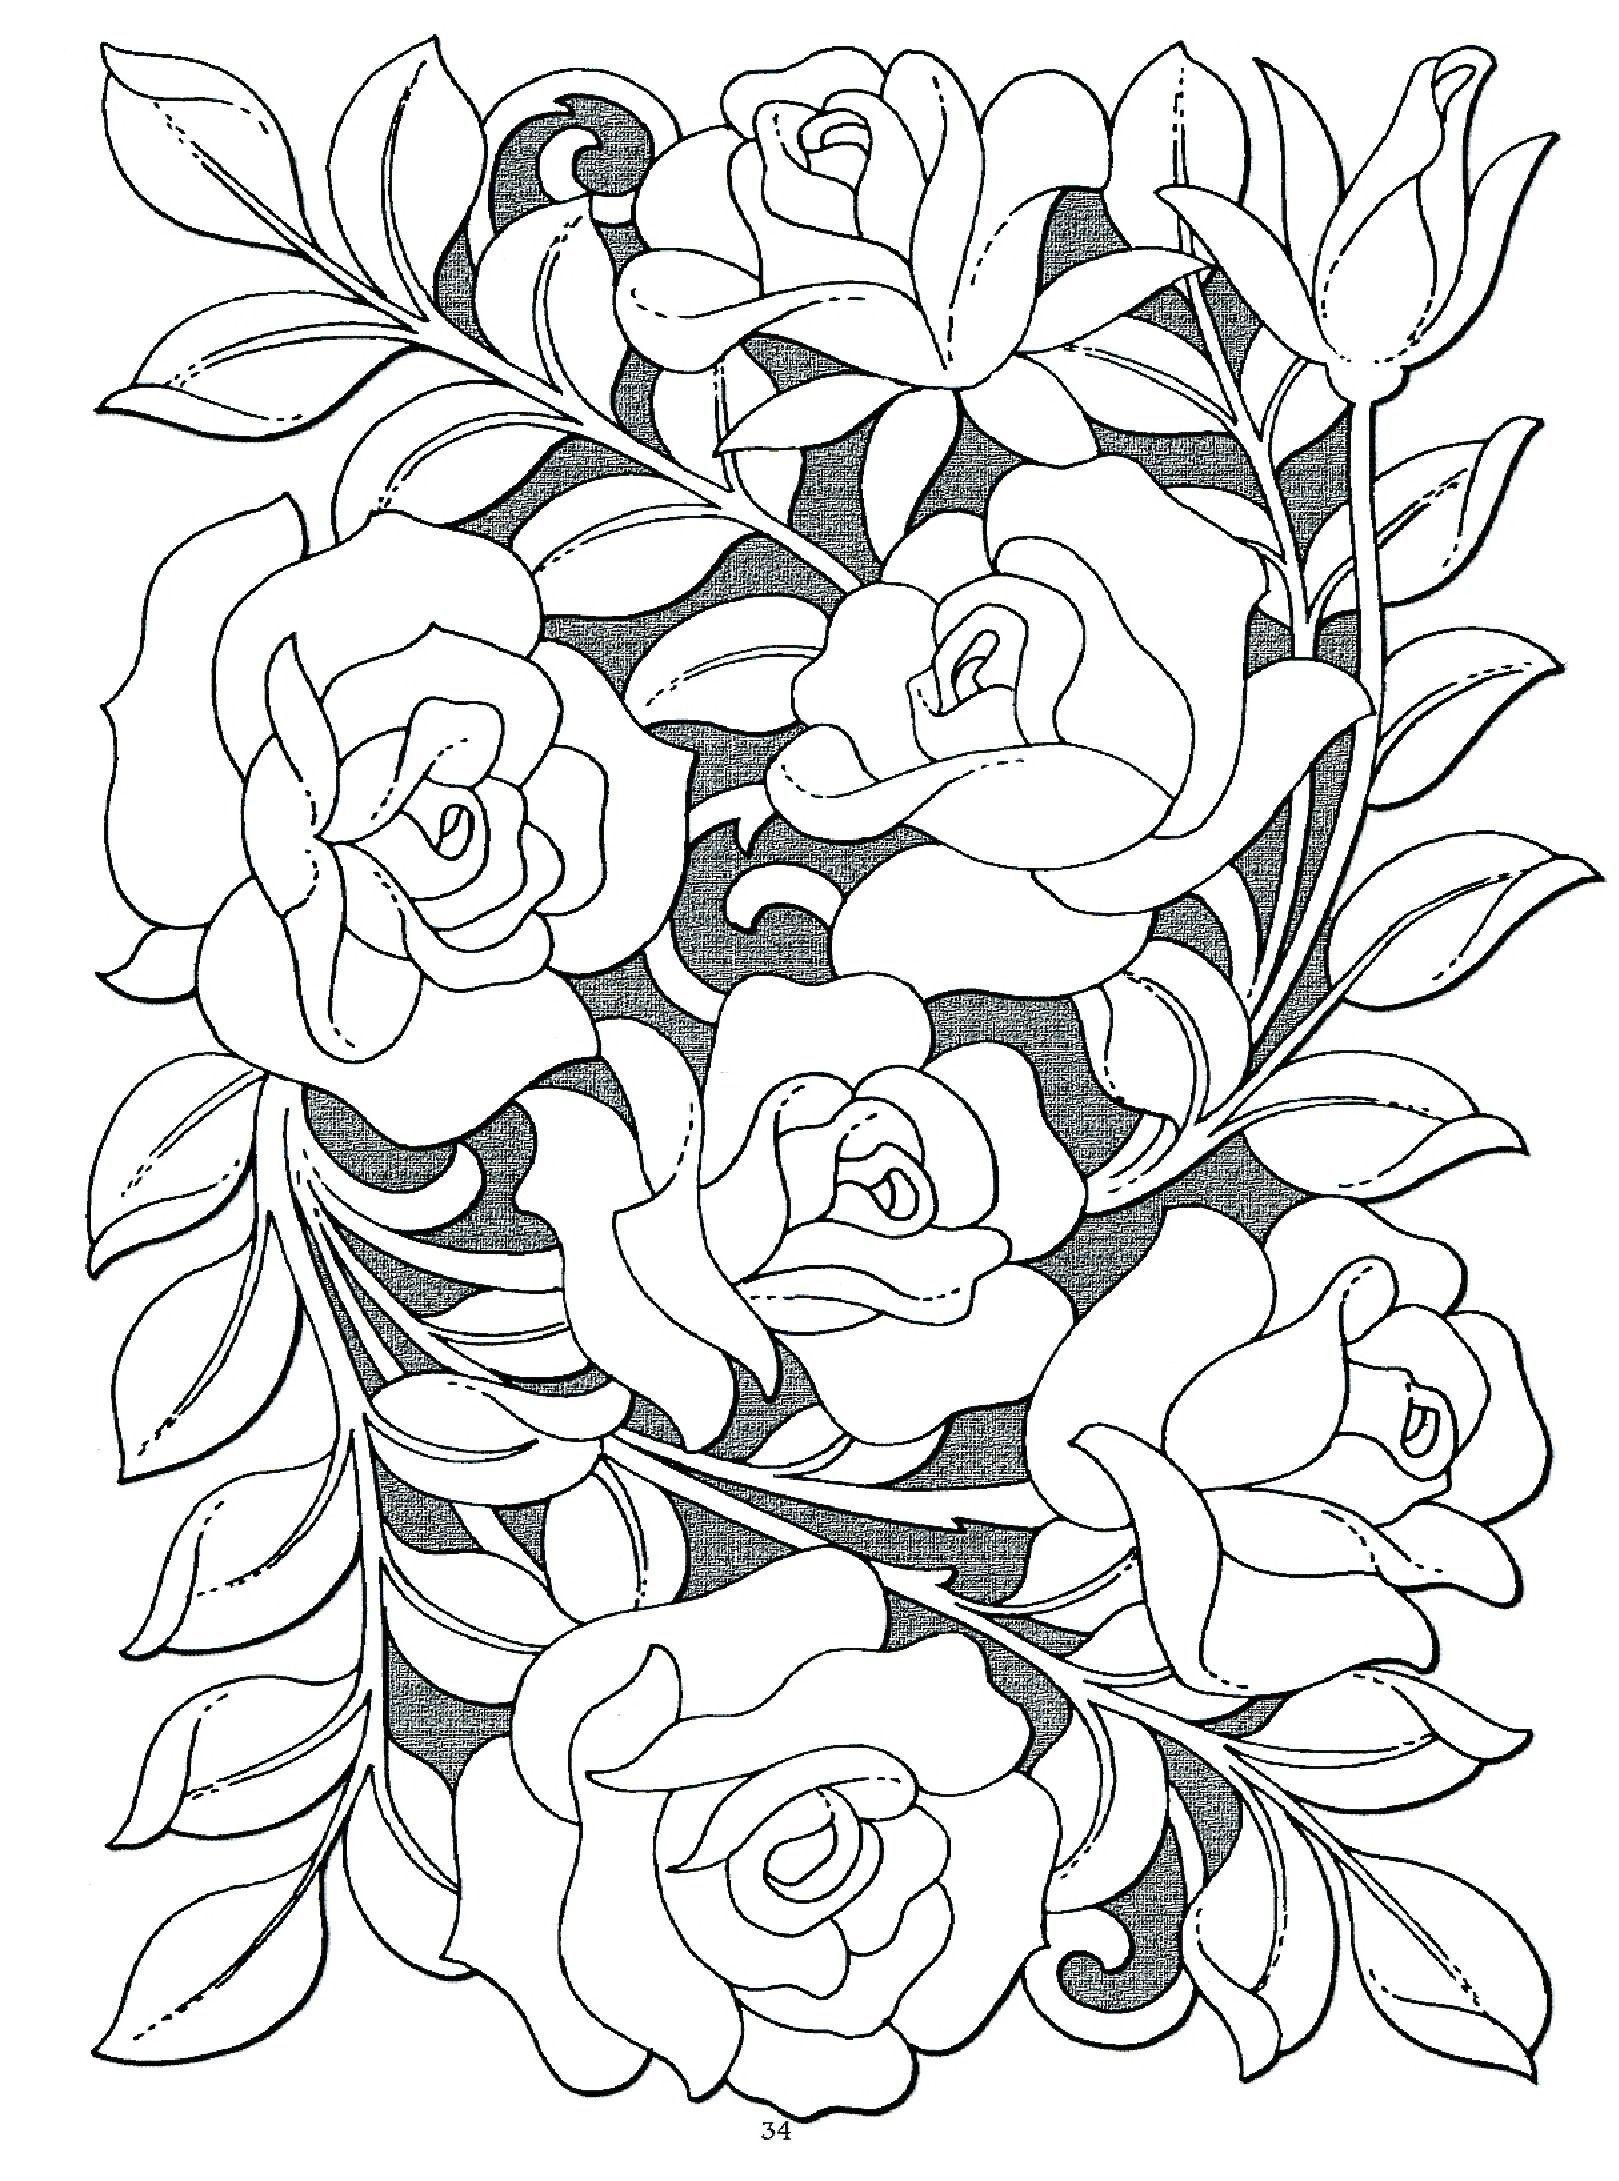 Tranh tô màu hoa hồng nghệ thuật đẹp nhất